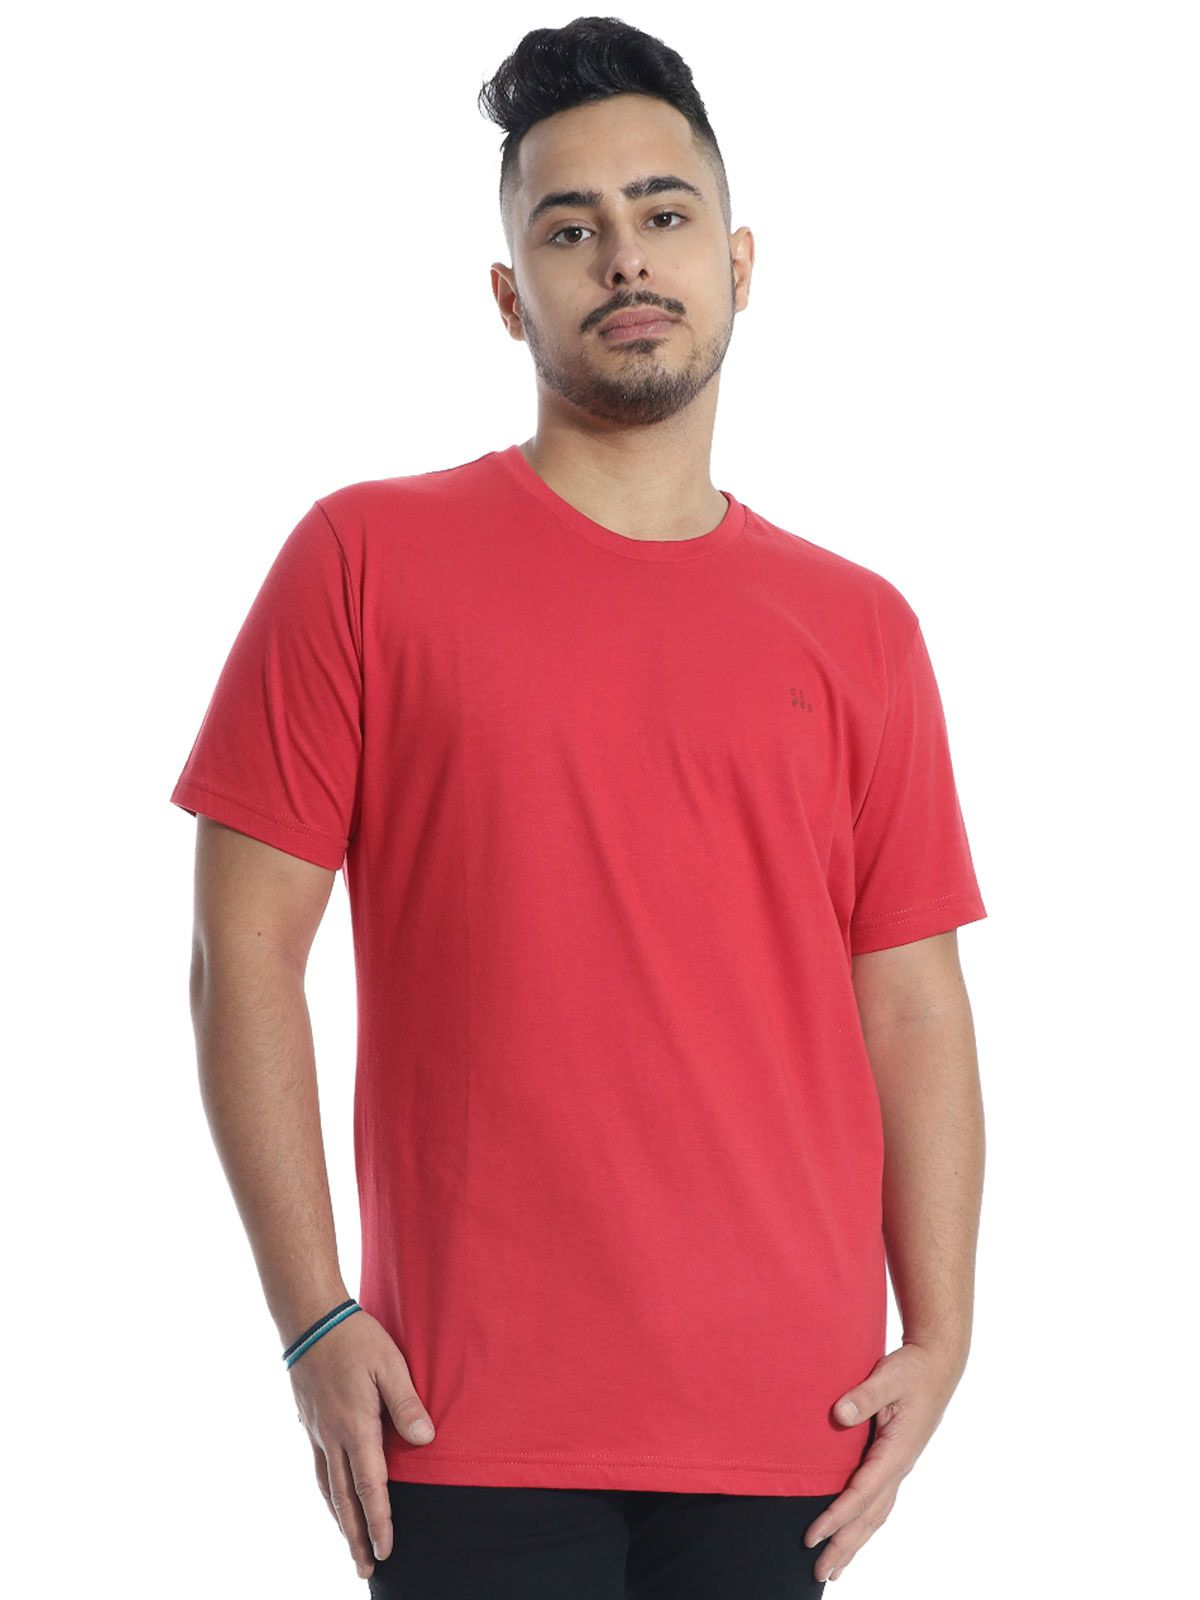 Camiseta Anistia #89 Vermelho